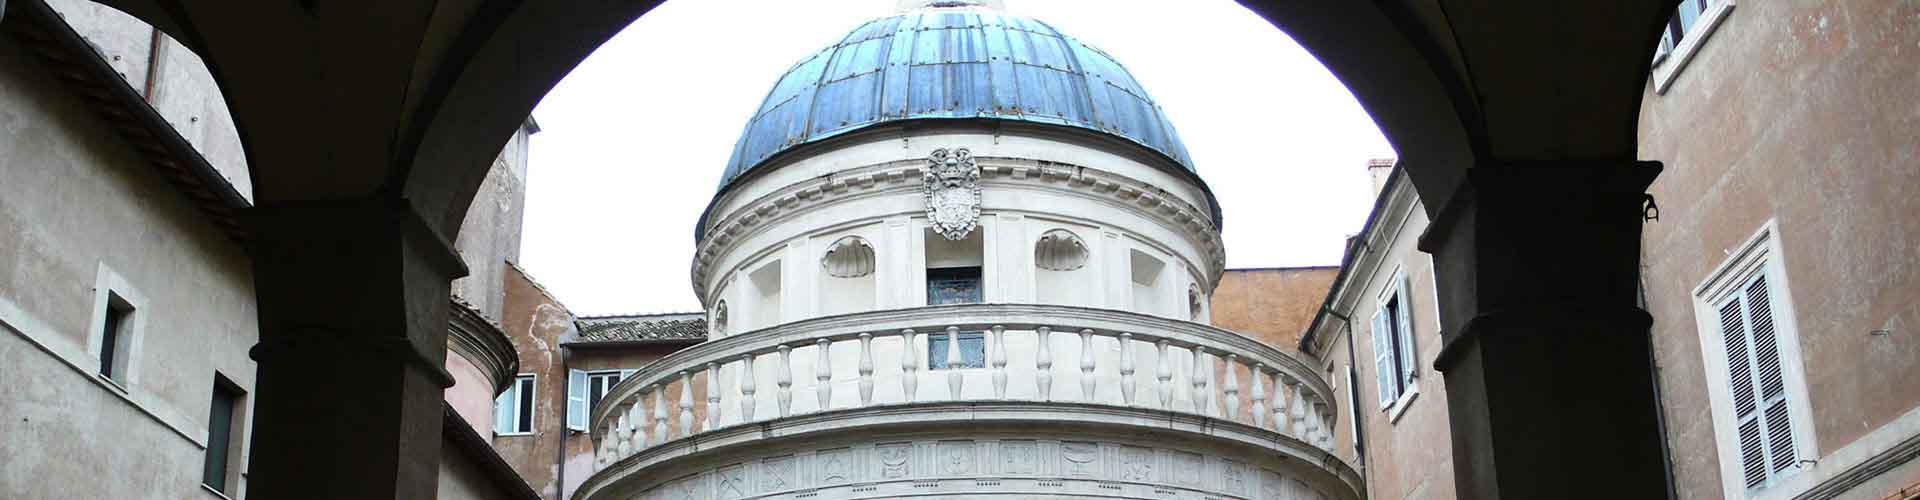 Rom – Hostels in der Nähe von Tempietto. Rom auf der Karte. Fotos und Bewertungen für jedes Hostel in Rom.